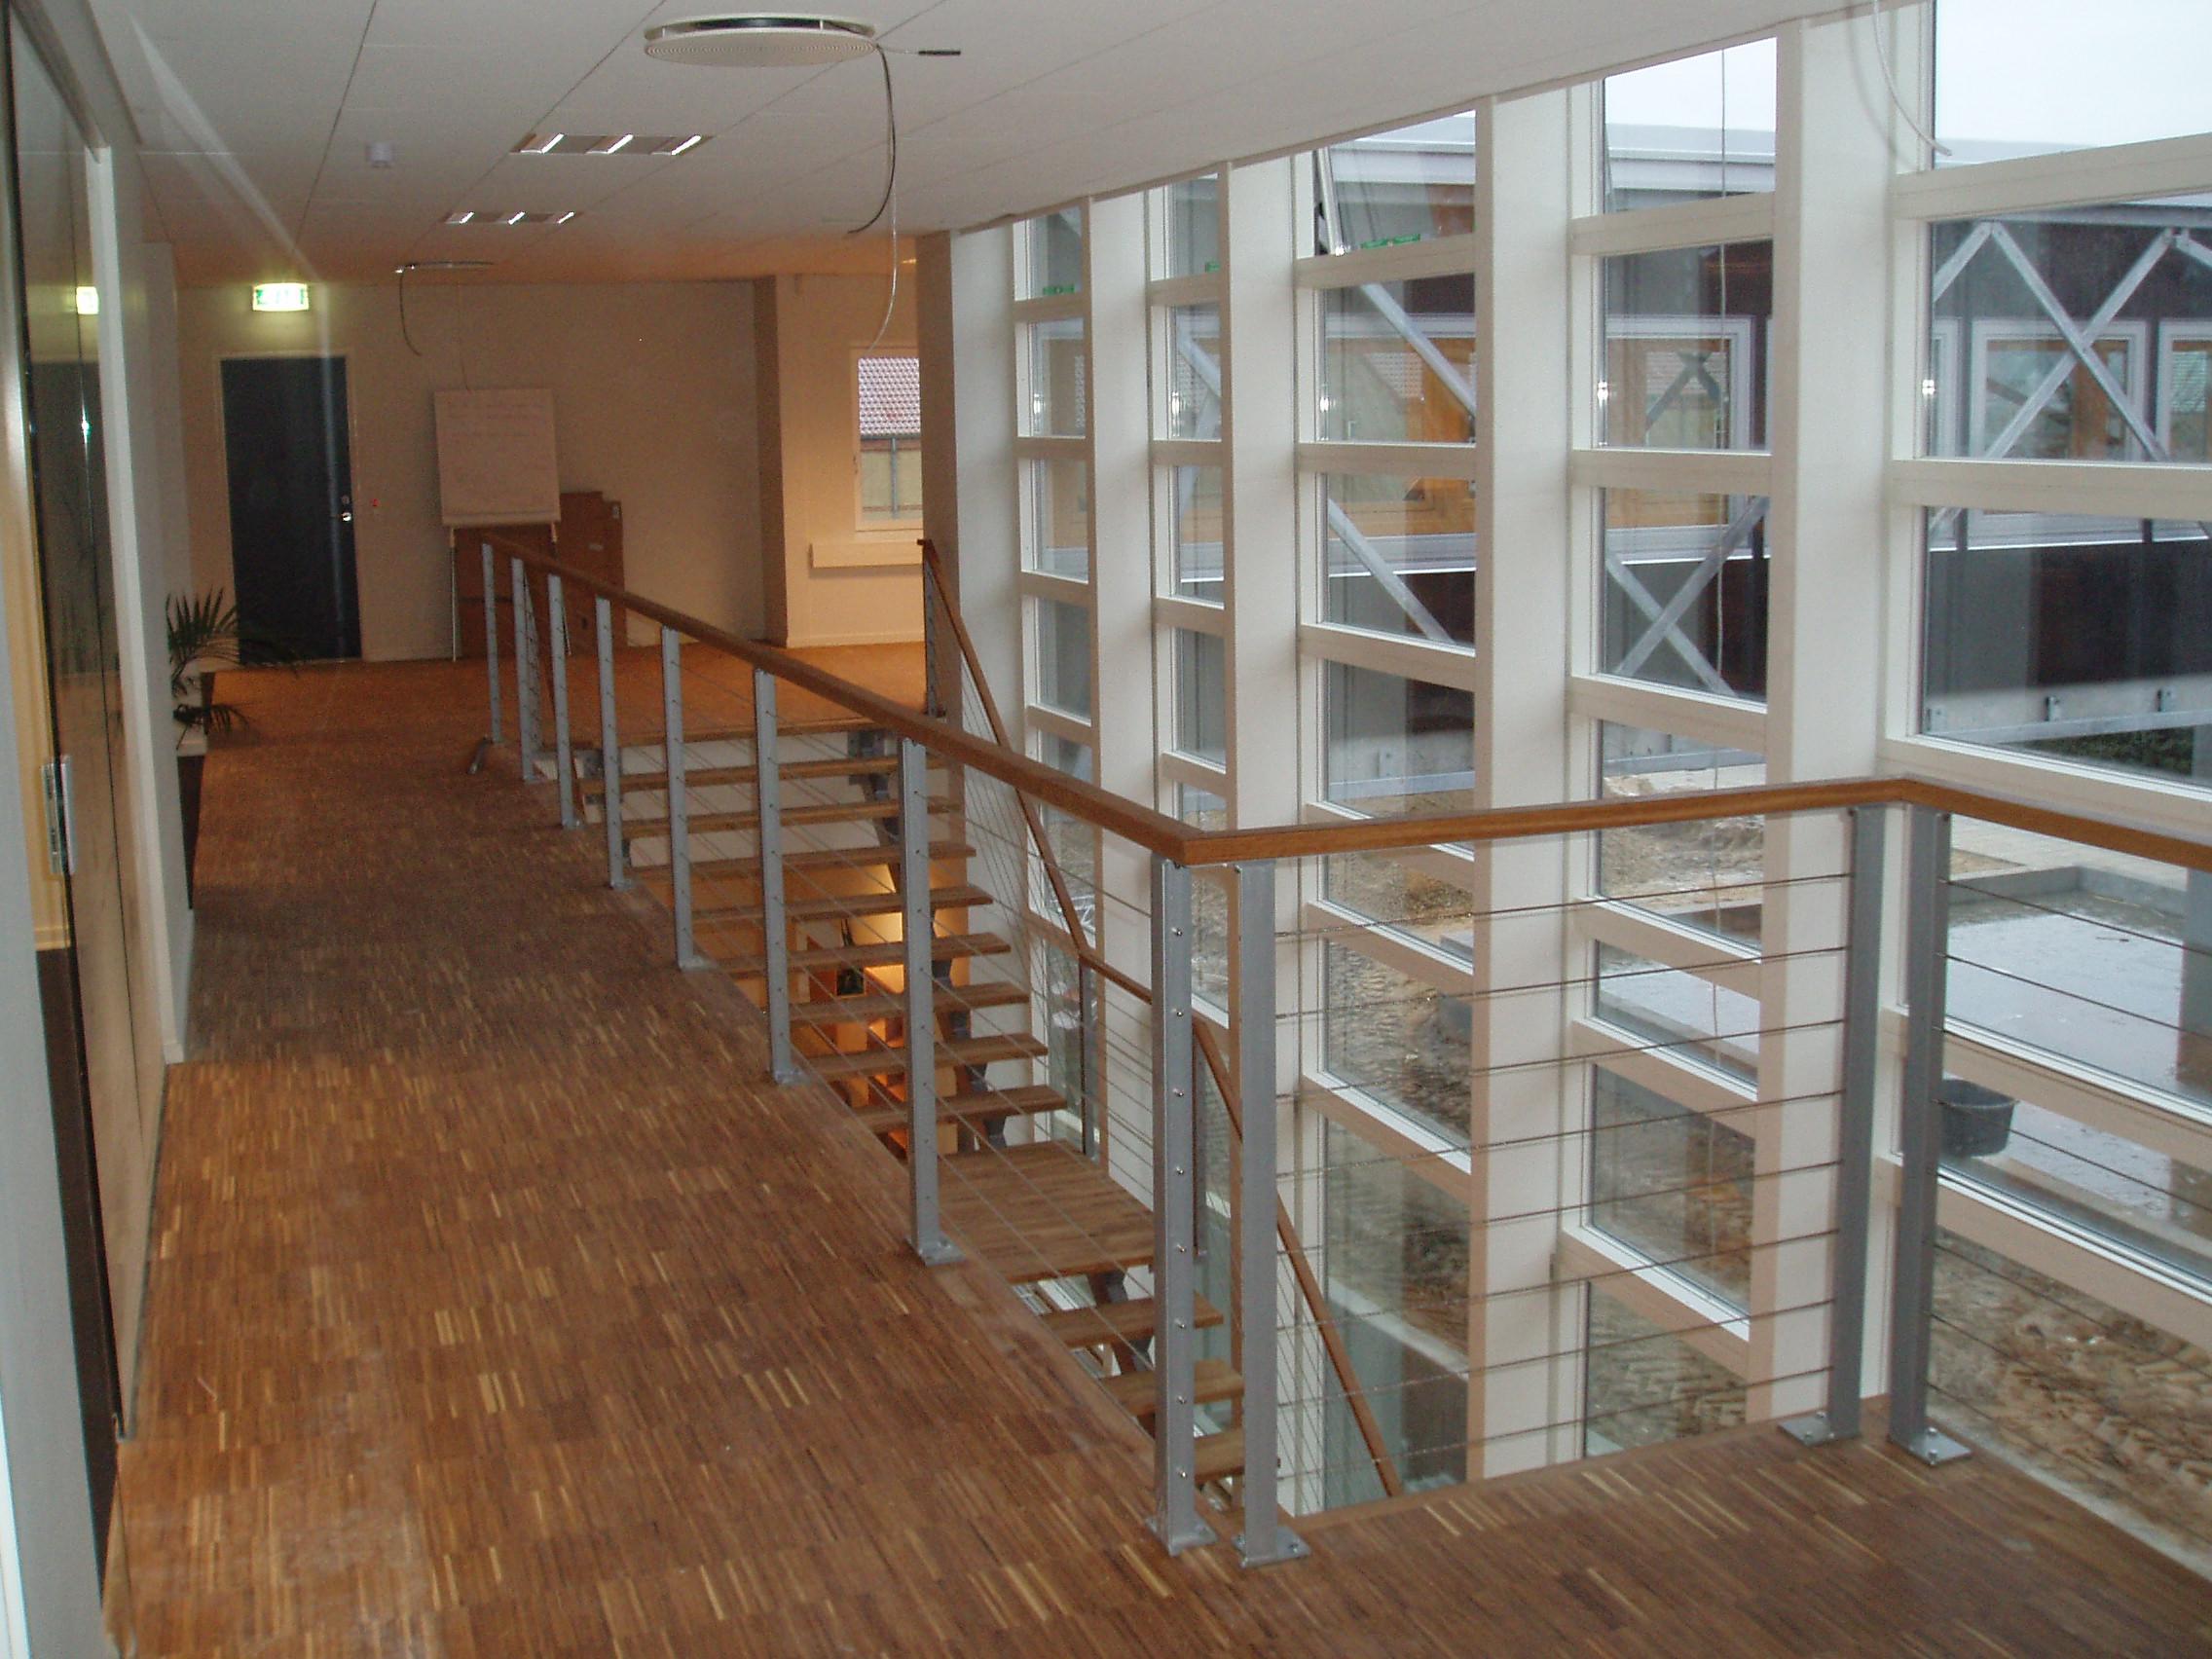 http://ta-as.dk/wp-content/uploads/2012/11/KS-billeder-006.jpg